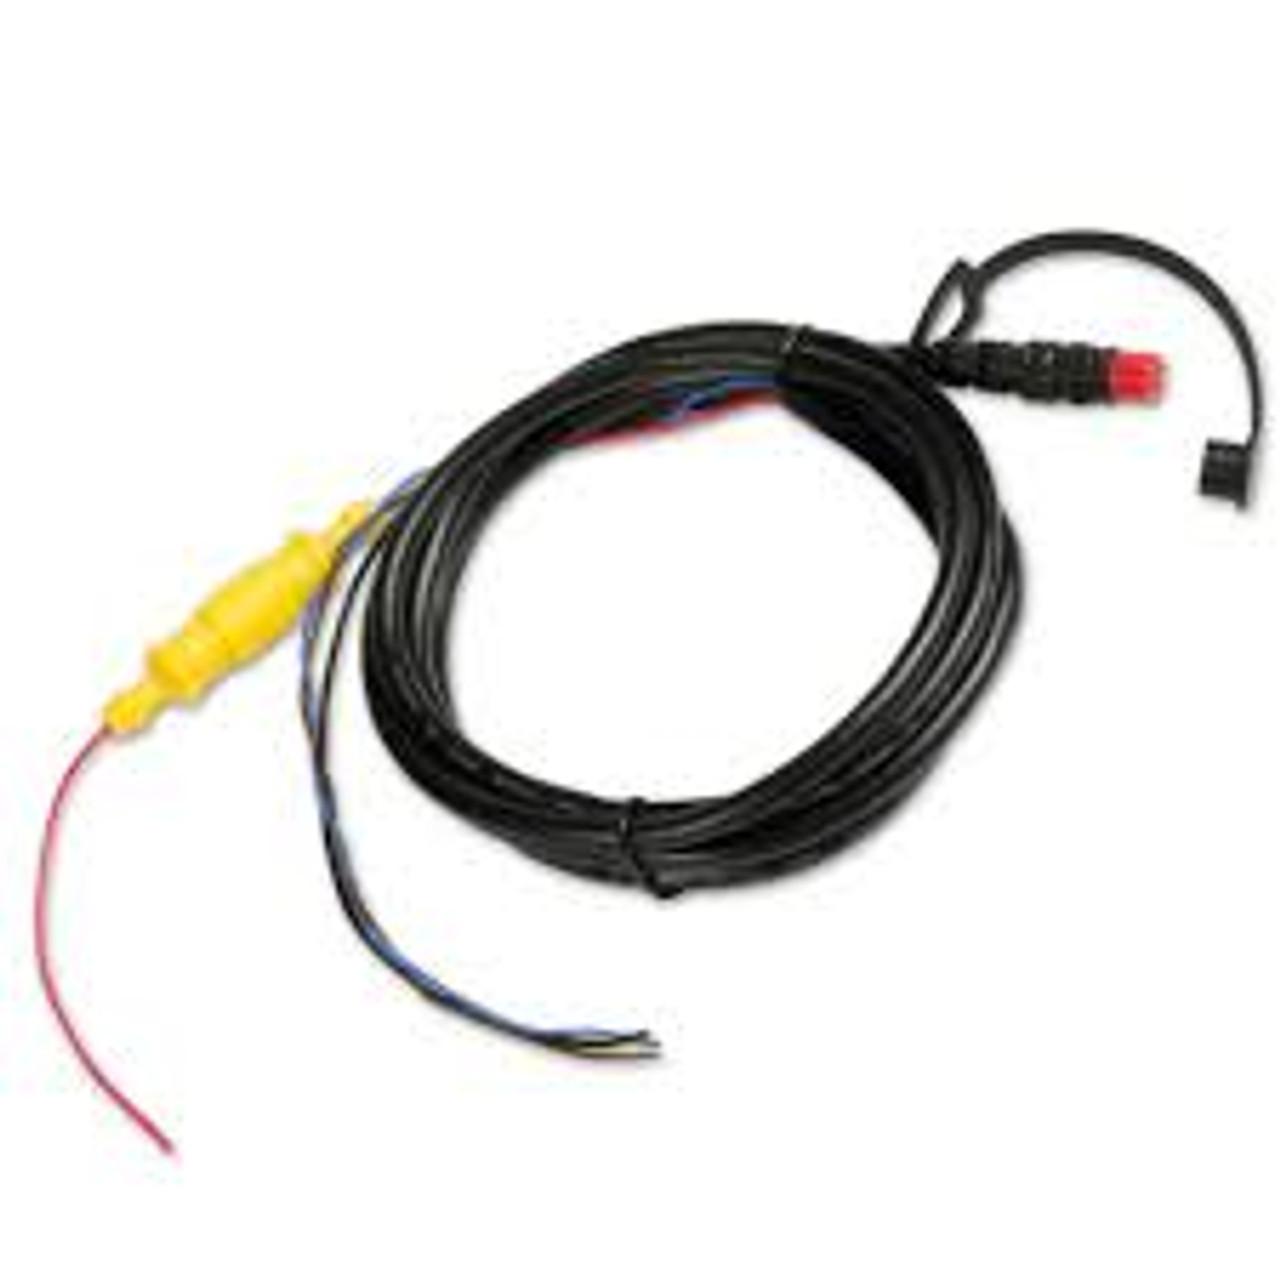 Garmin Power Data Cable 4 Pin